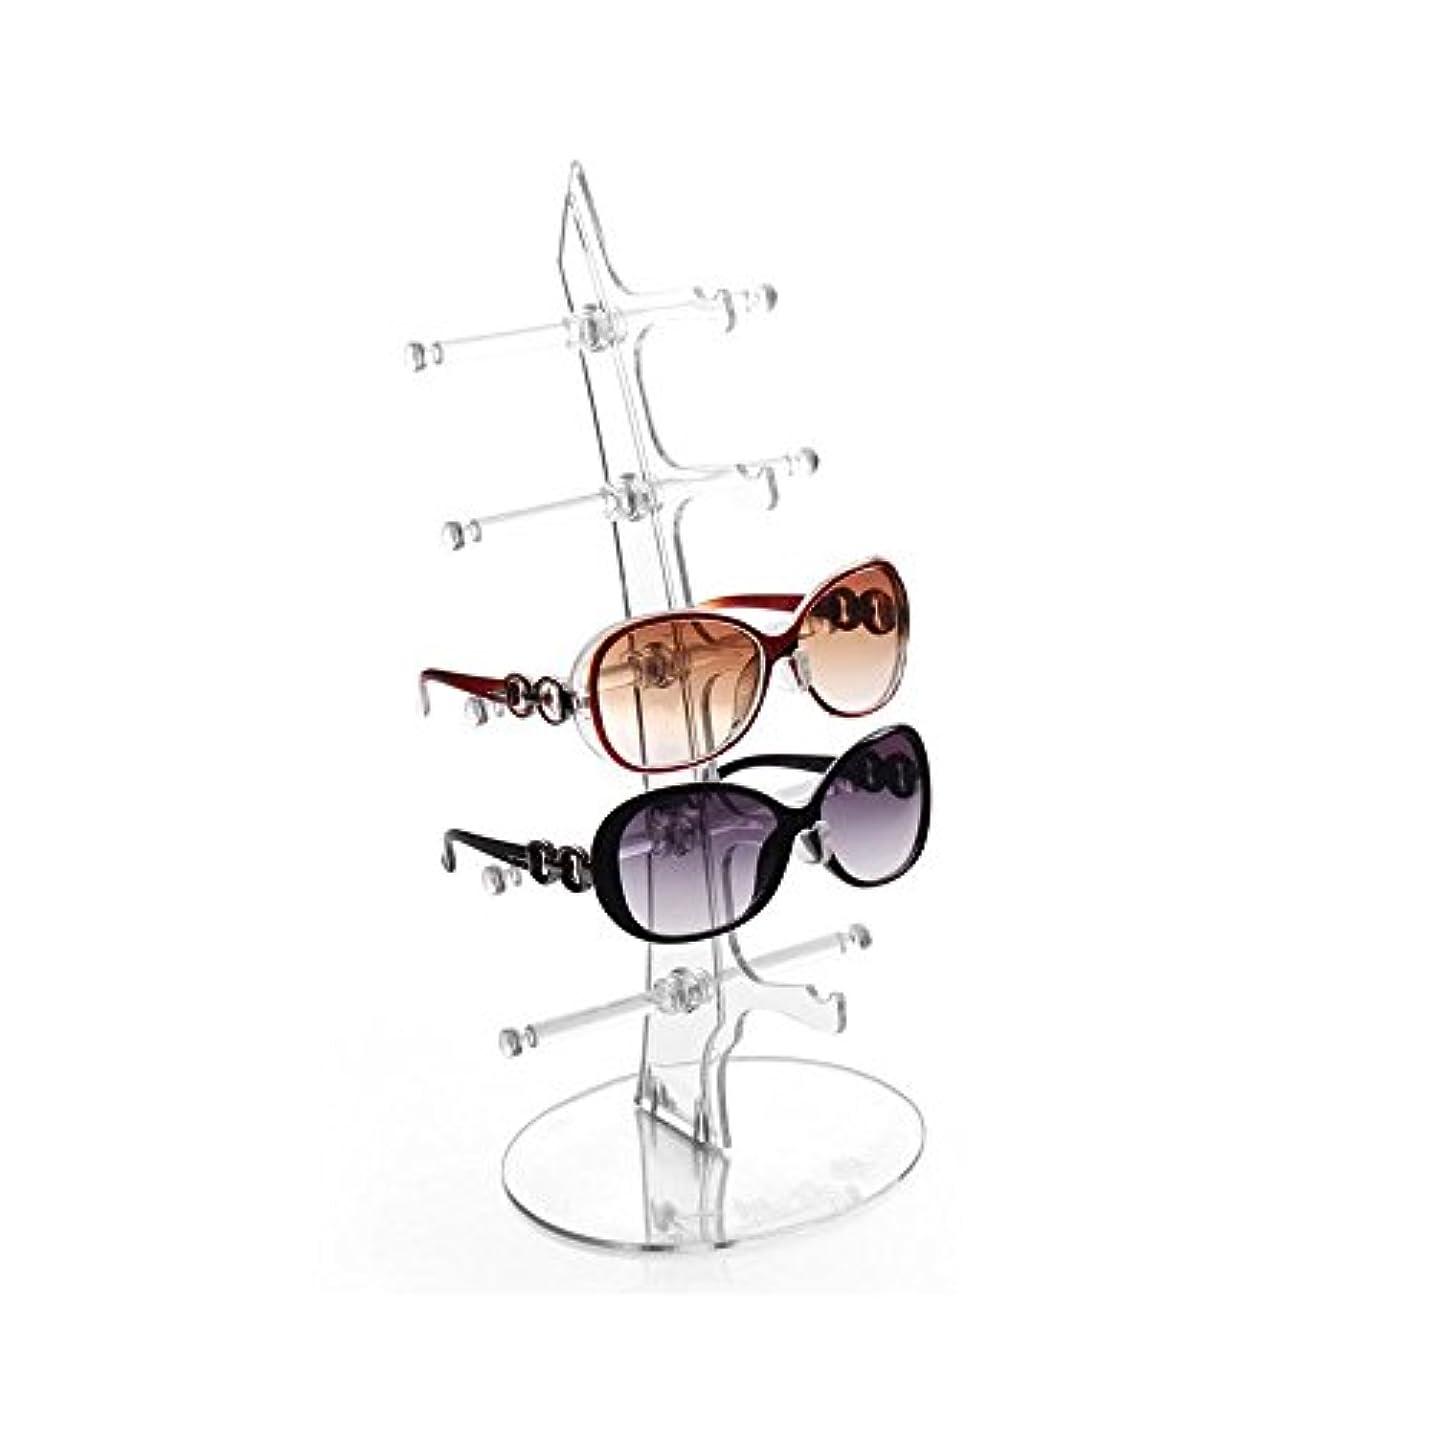 パンツ信じる収まるHongch 眼鏡 デイリー用ディスプレイスタンド サングラスホルダーラック 眼鏡